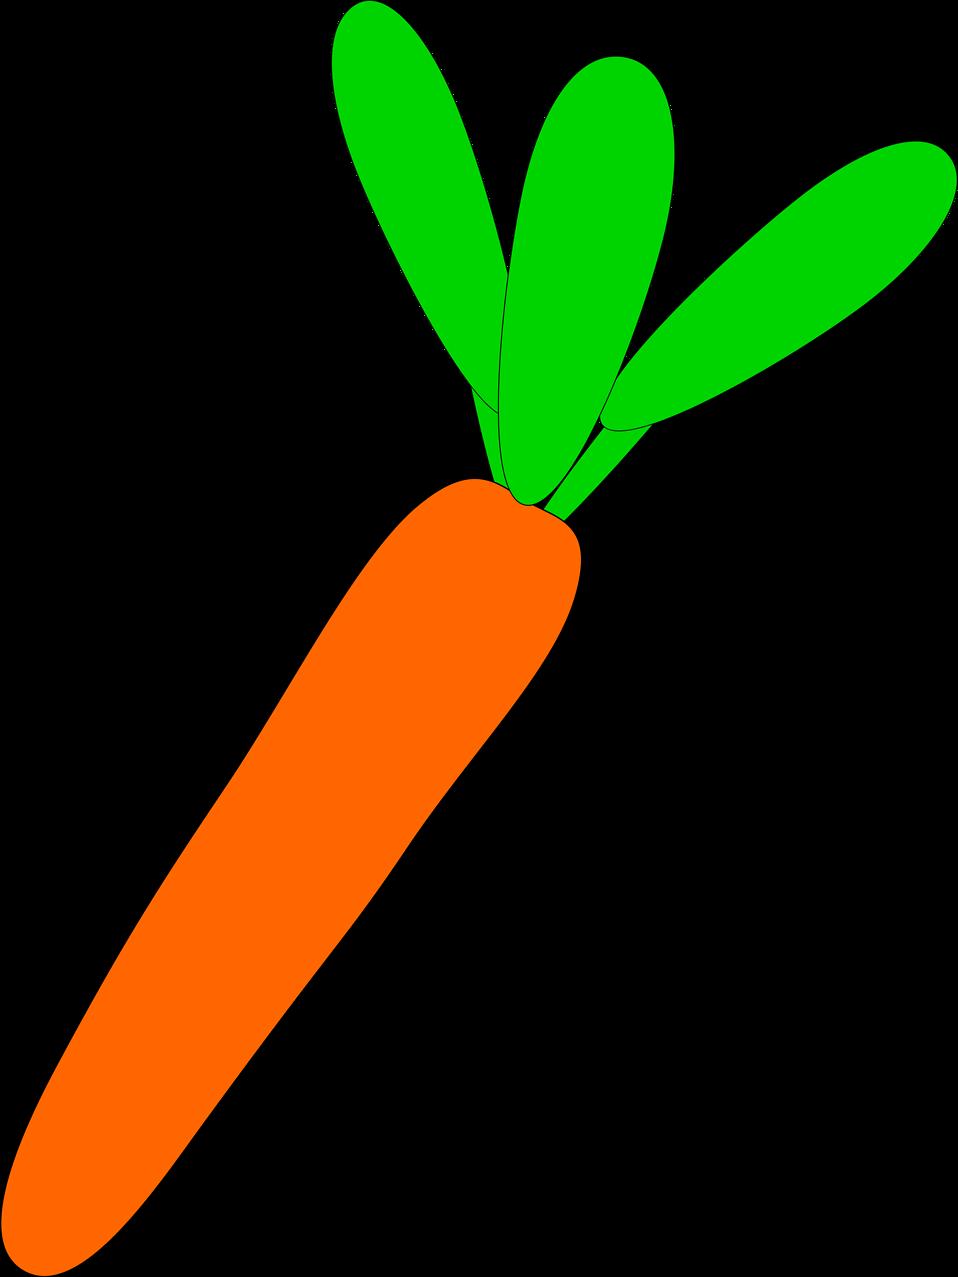 Transparent background jokingart com. Garden clipart carrot